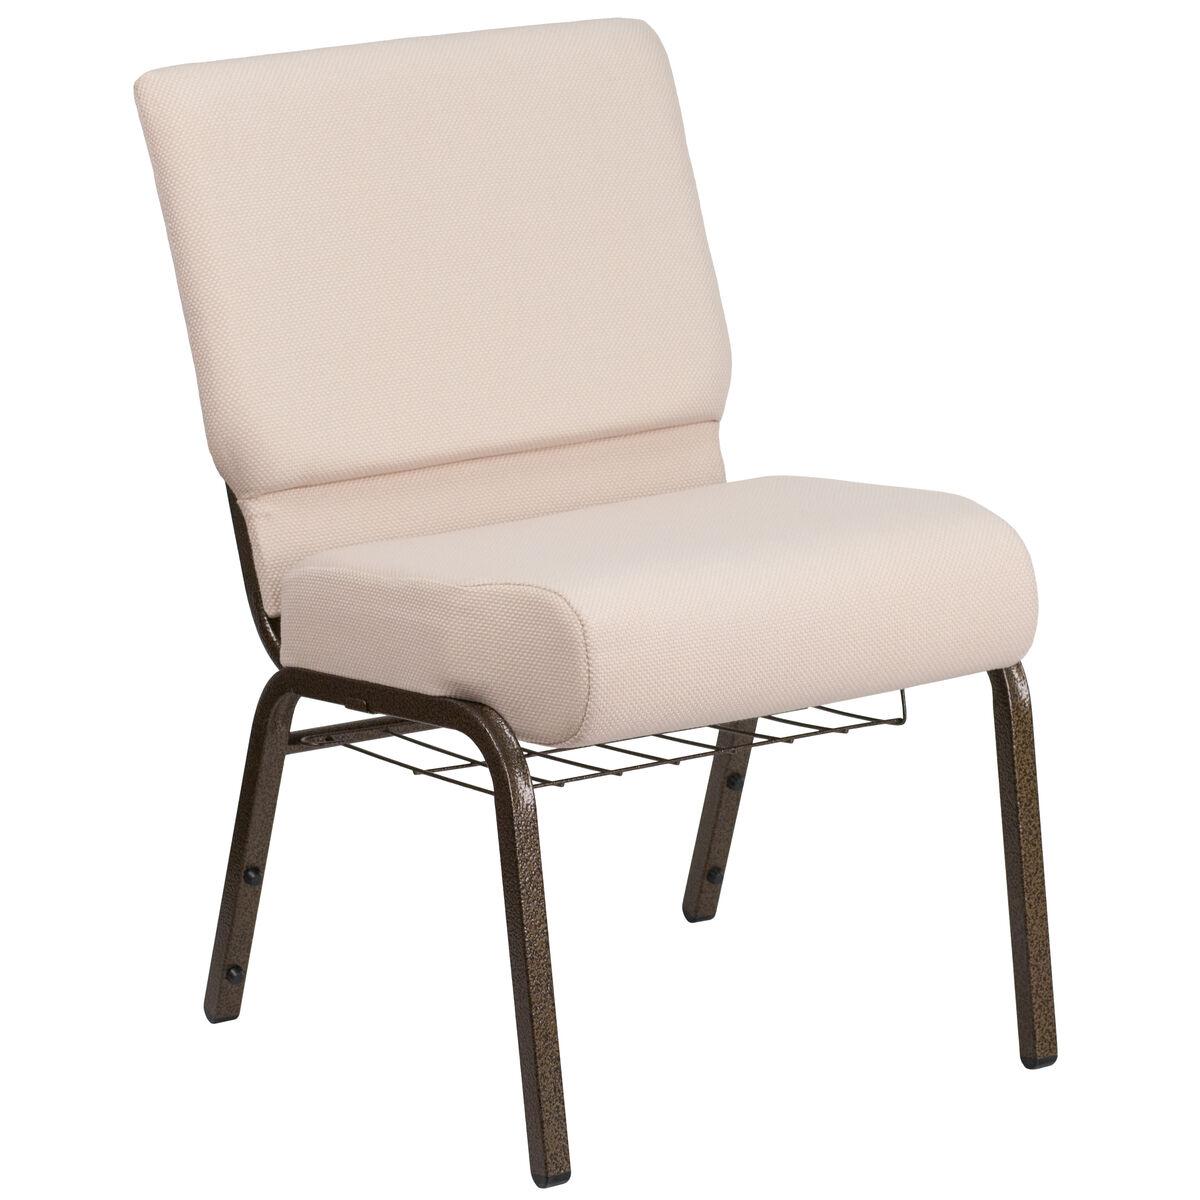 For Less Furniture: Beige Fabric Church Chair FD-CH0221-4-GV-B2-BAS-GG